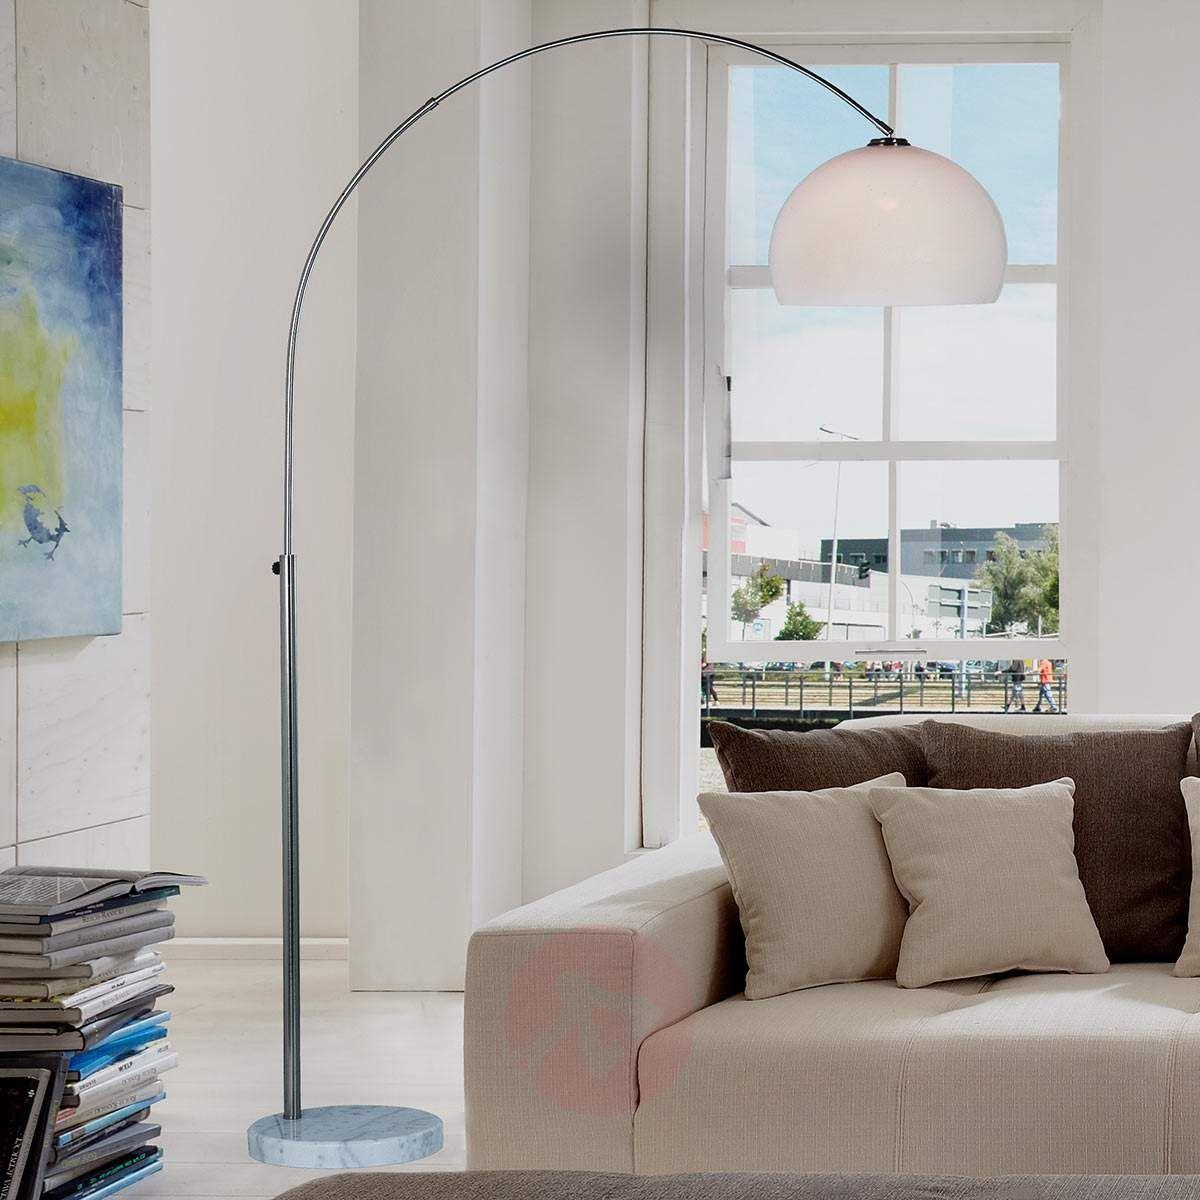 Regulowana Lampa Stojąca Arian Lampy Stojące W 2019